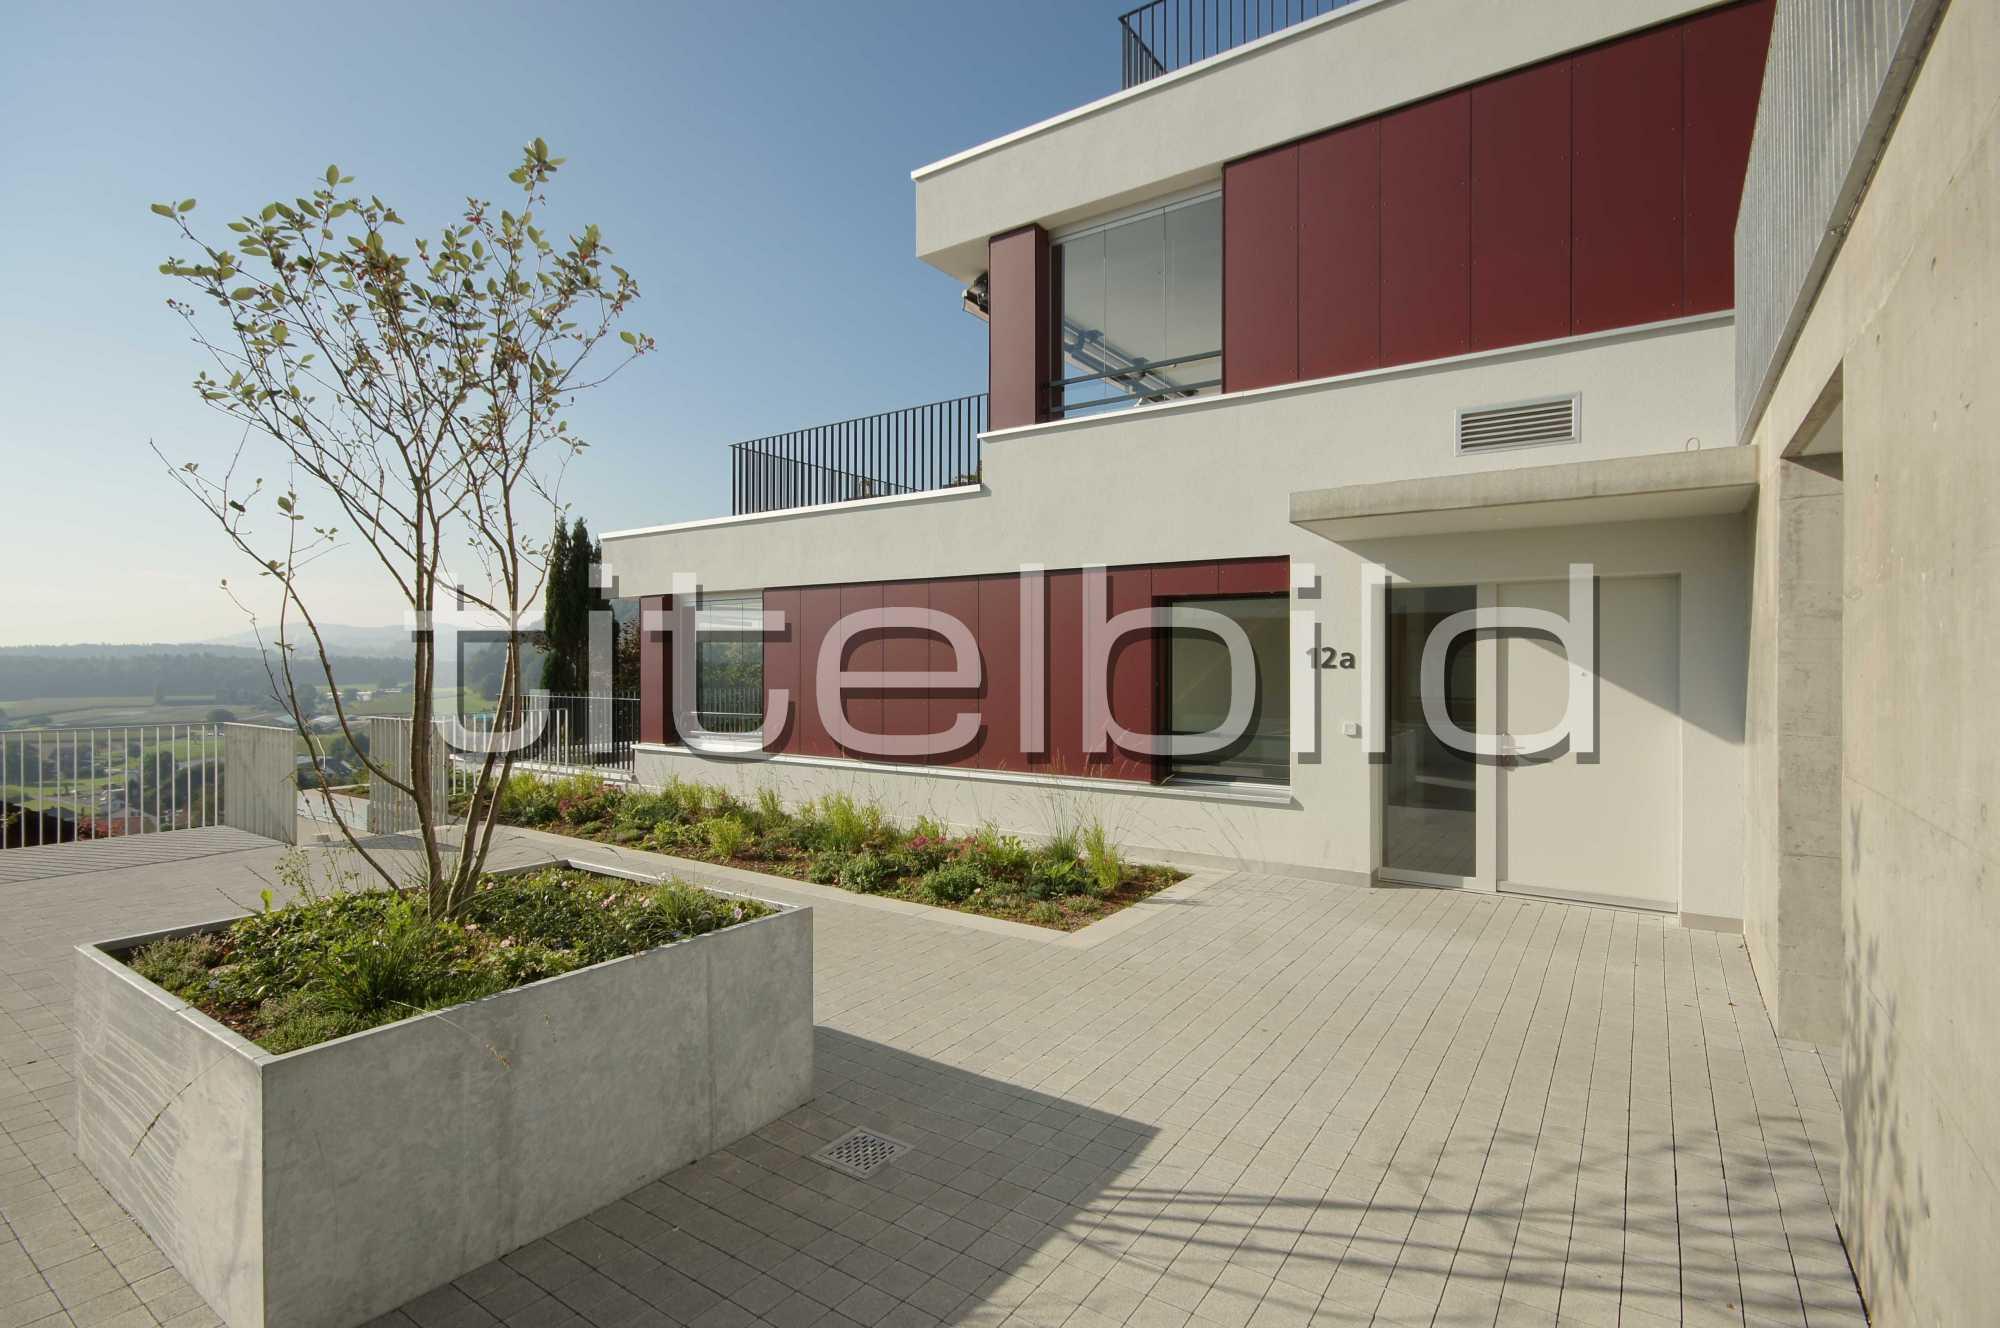 Projektbild-Nr. 0: Terrassenhäuser Rebhügel